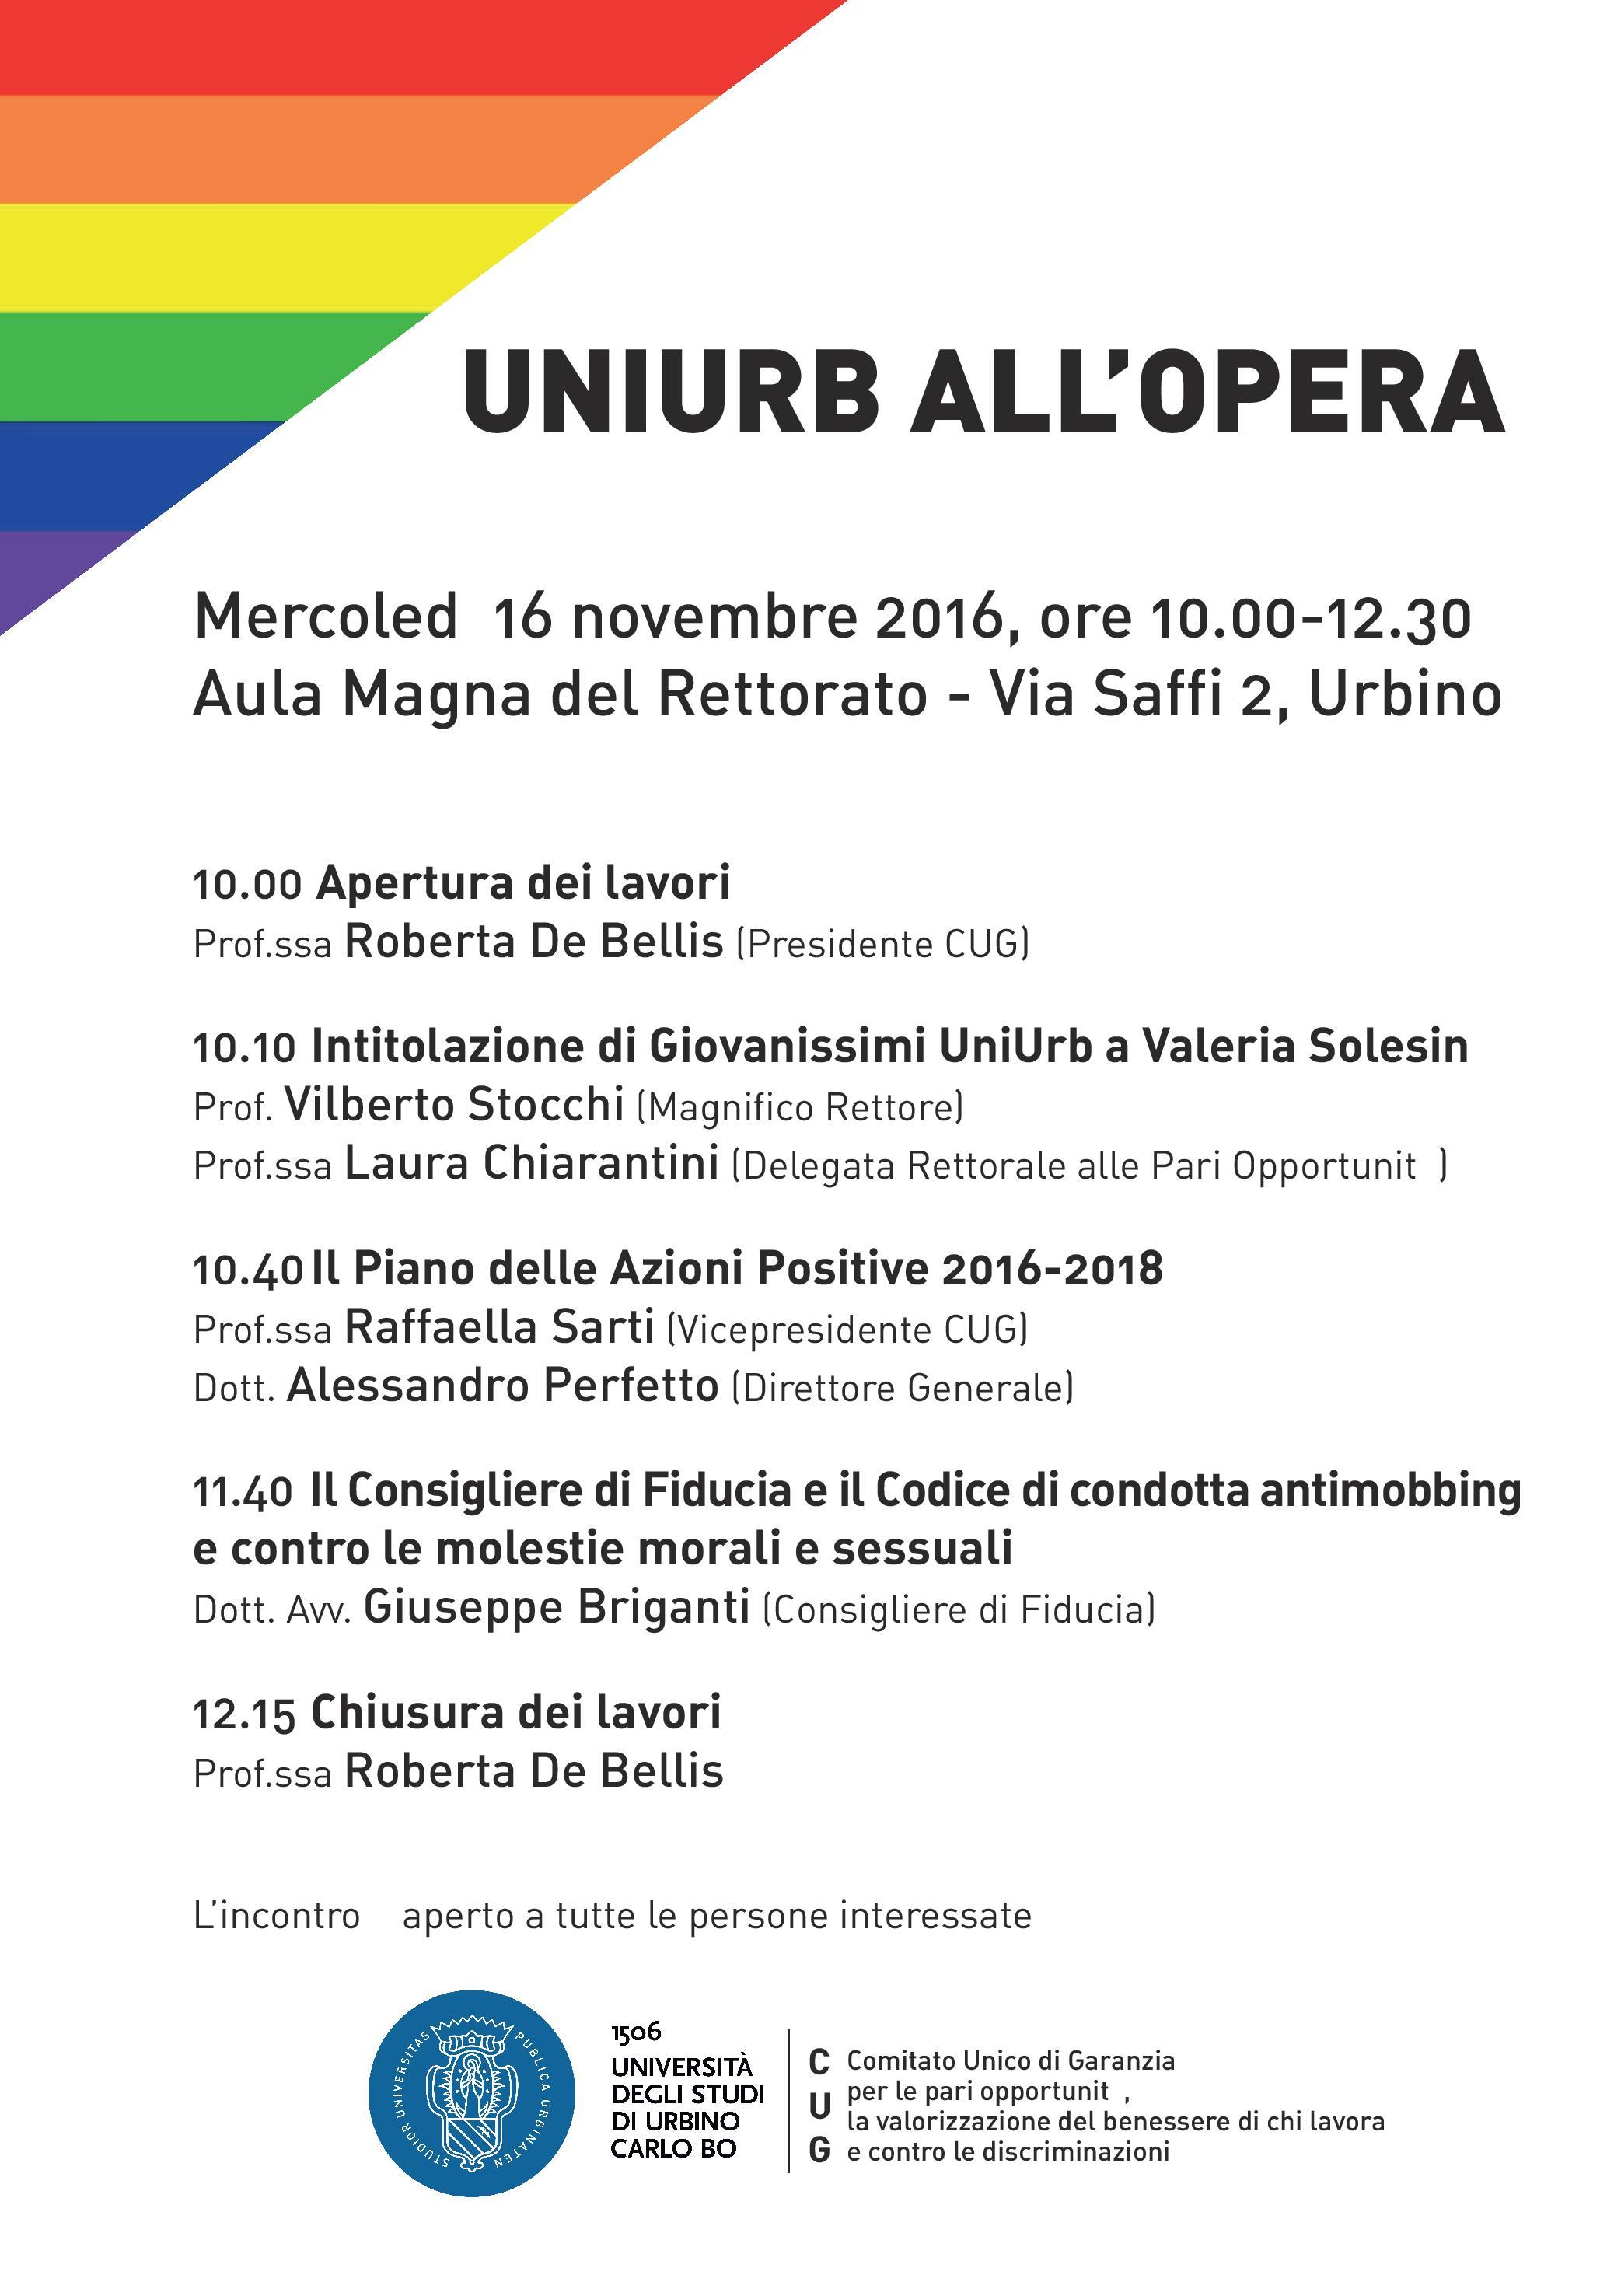 Il Codice di condotta e il Consigliere di Fiducia dell'Università di Urbino: presentazione 16/11/2016